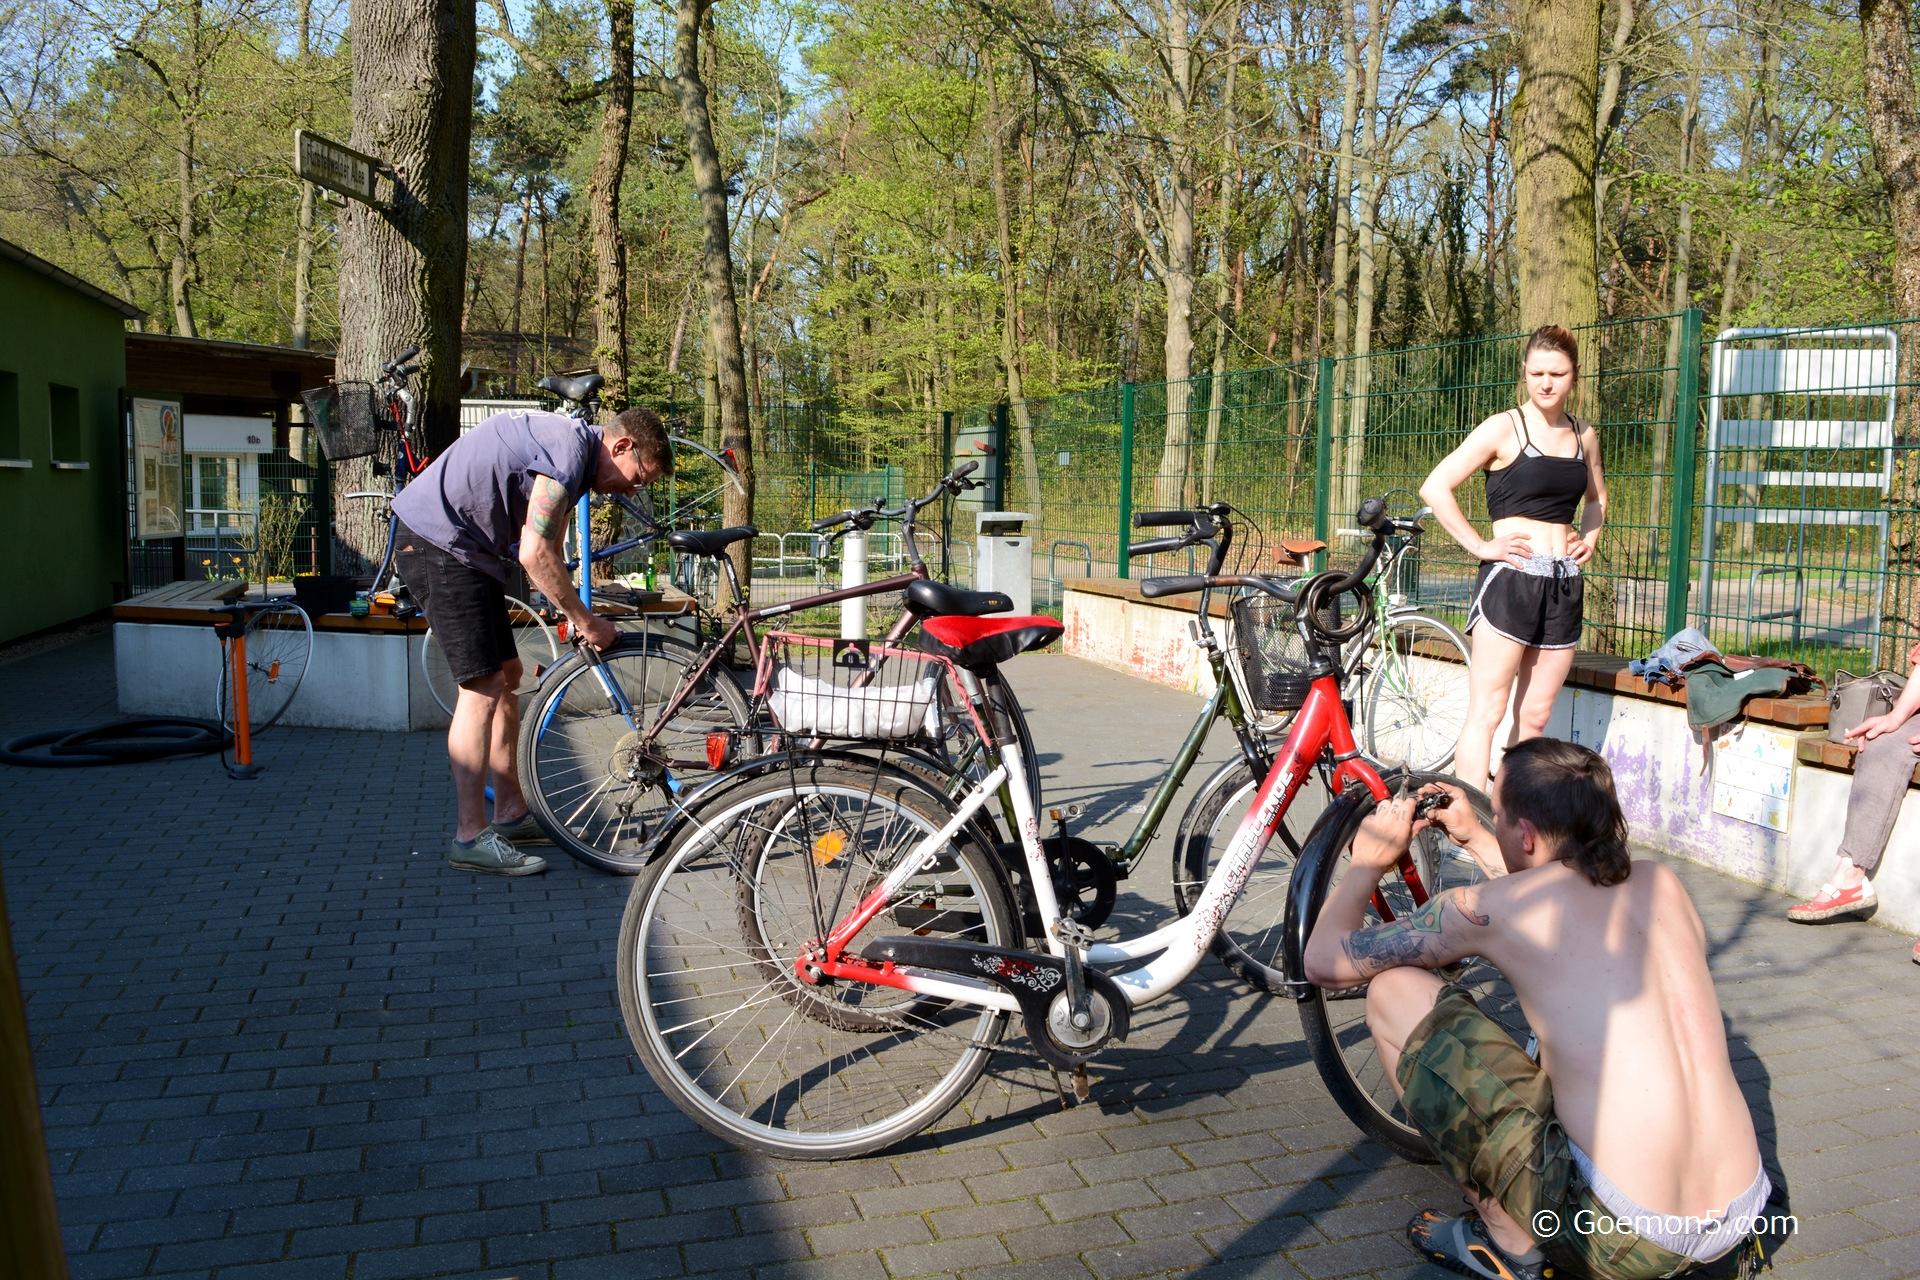 bike repair workshop at the Parkclub